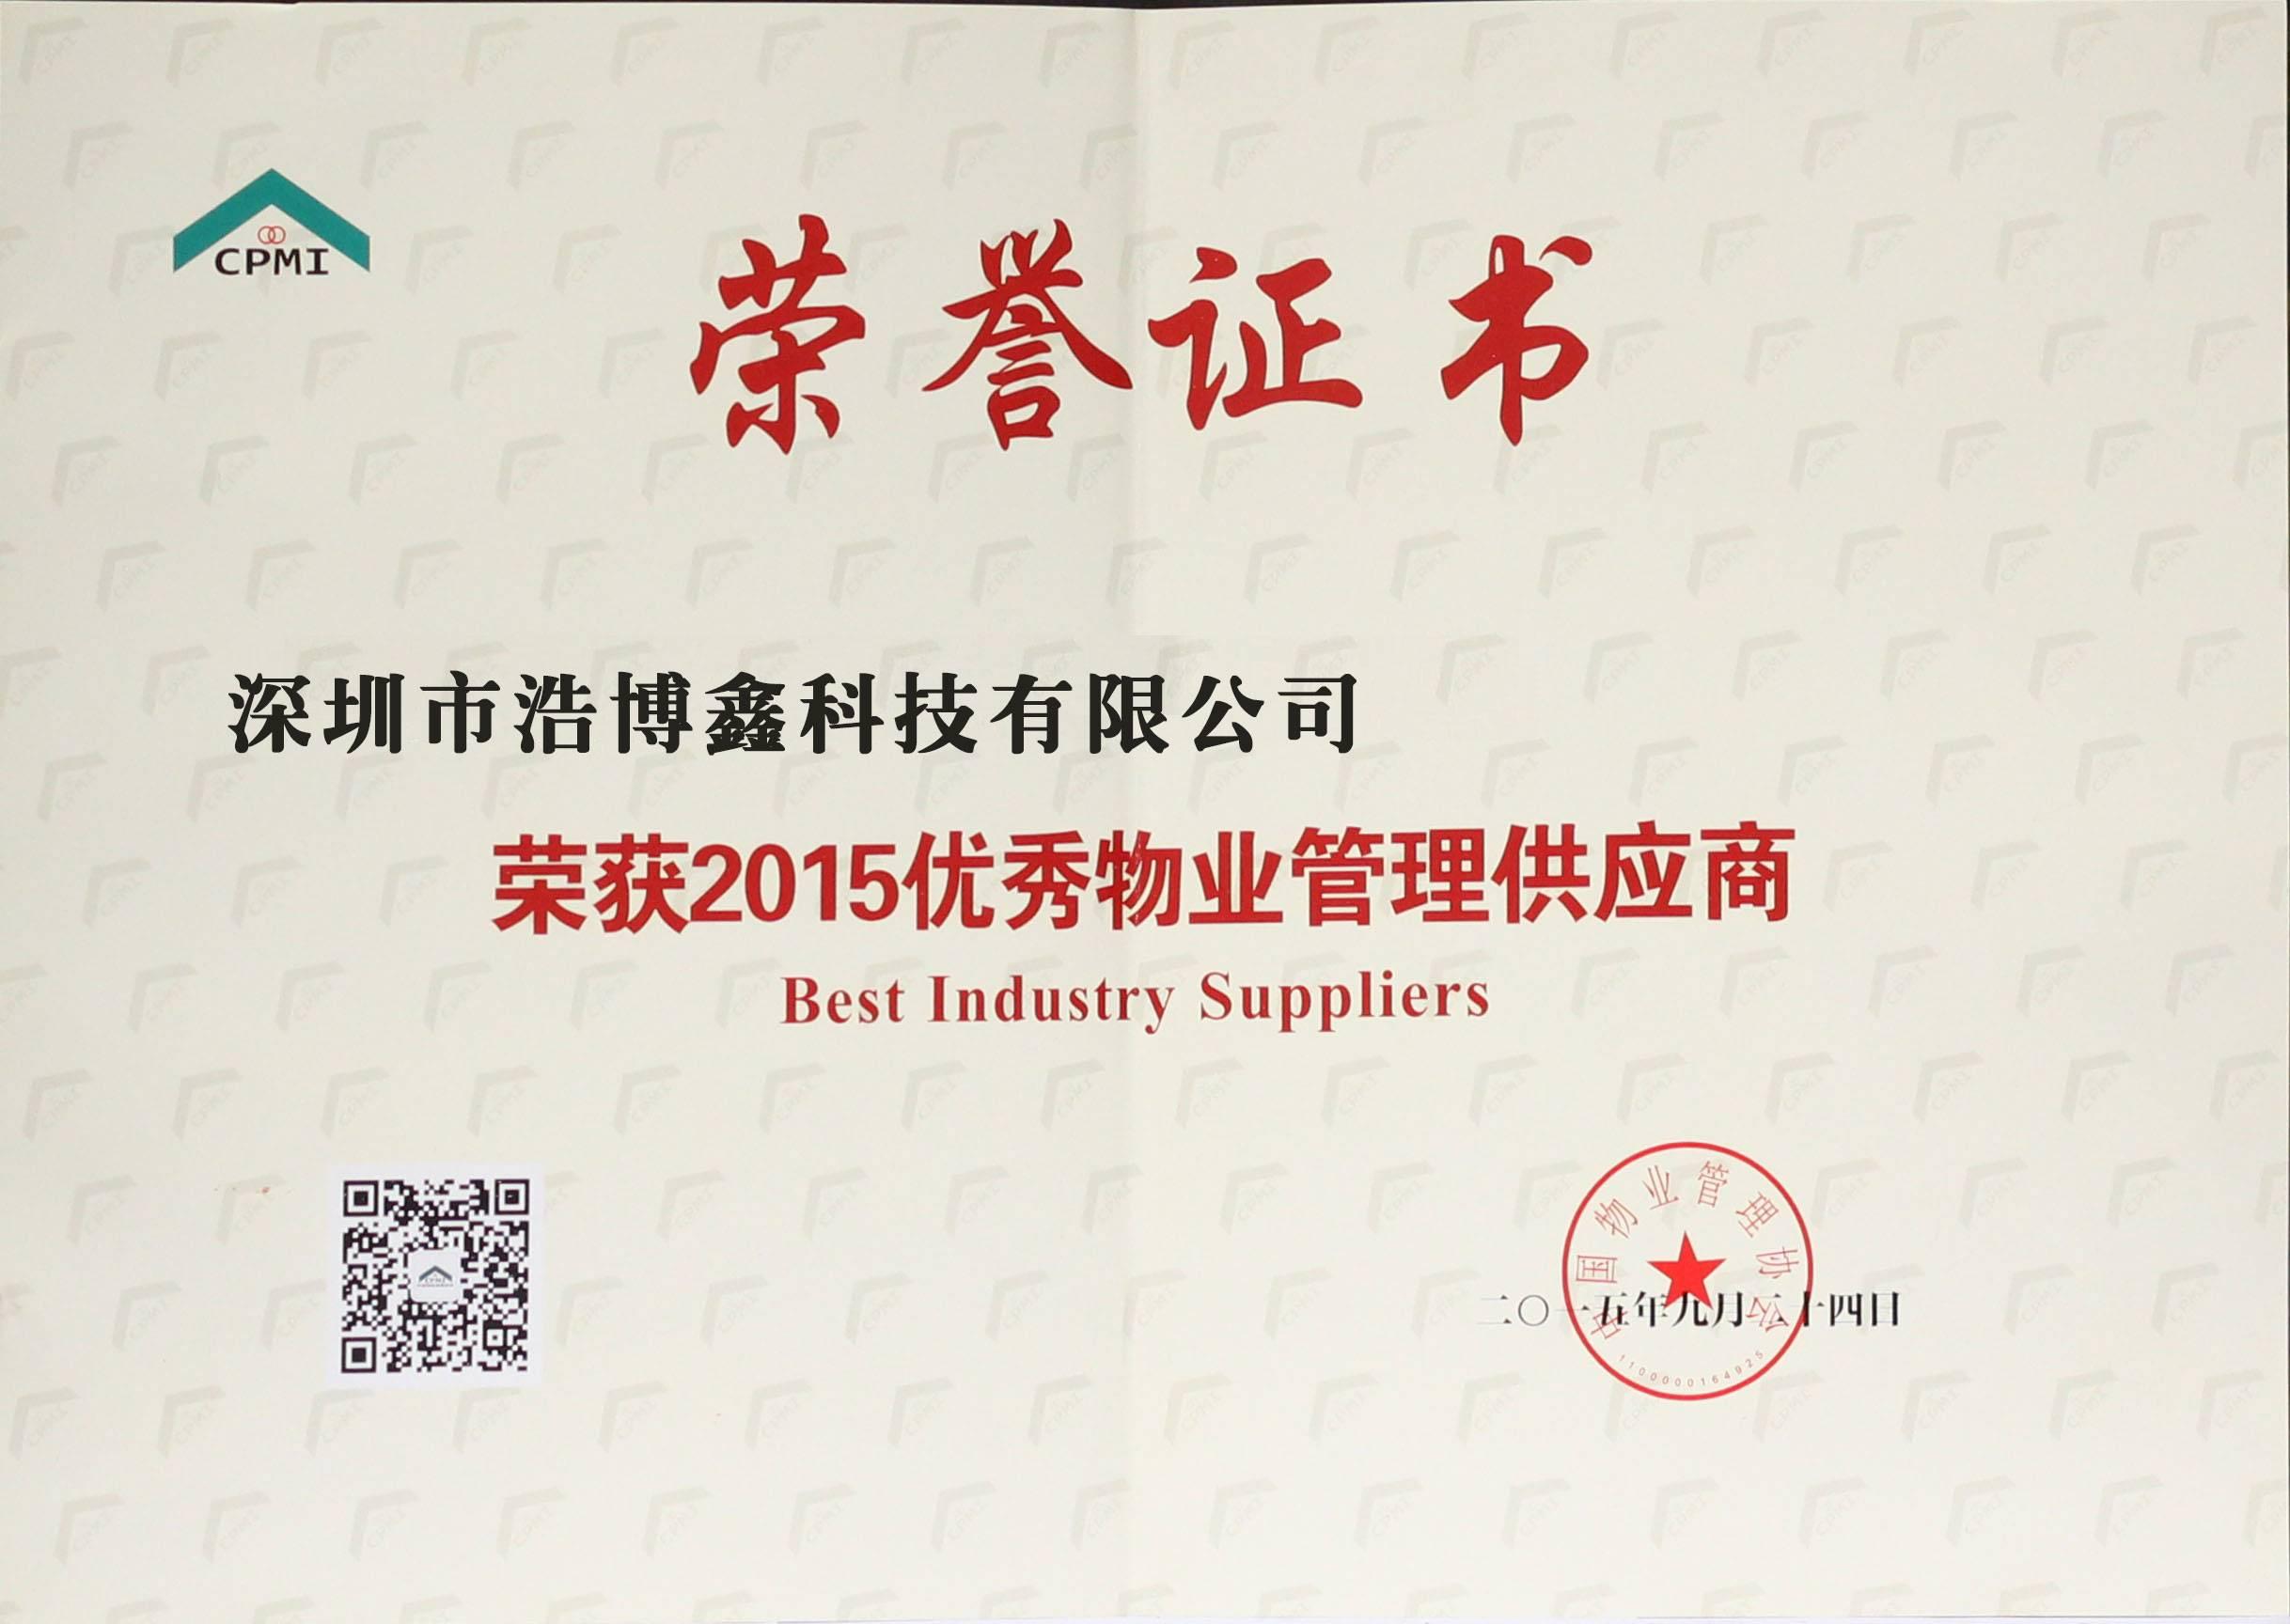 浩博鑫荣获荣获2015年优秀物业管理供应商